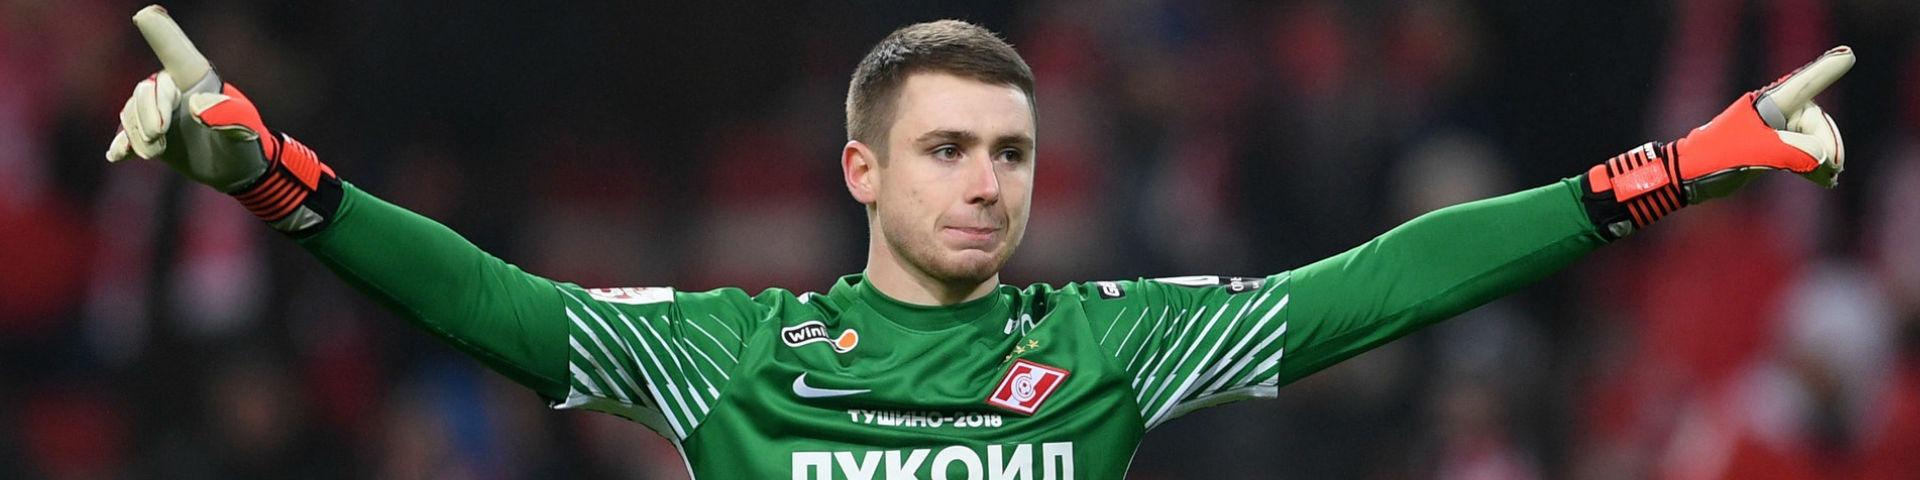 Вратарь «Спартака» Селихов вновь получил травму